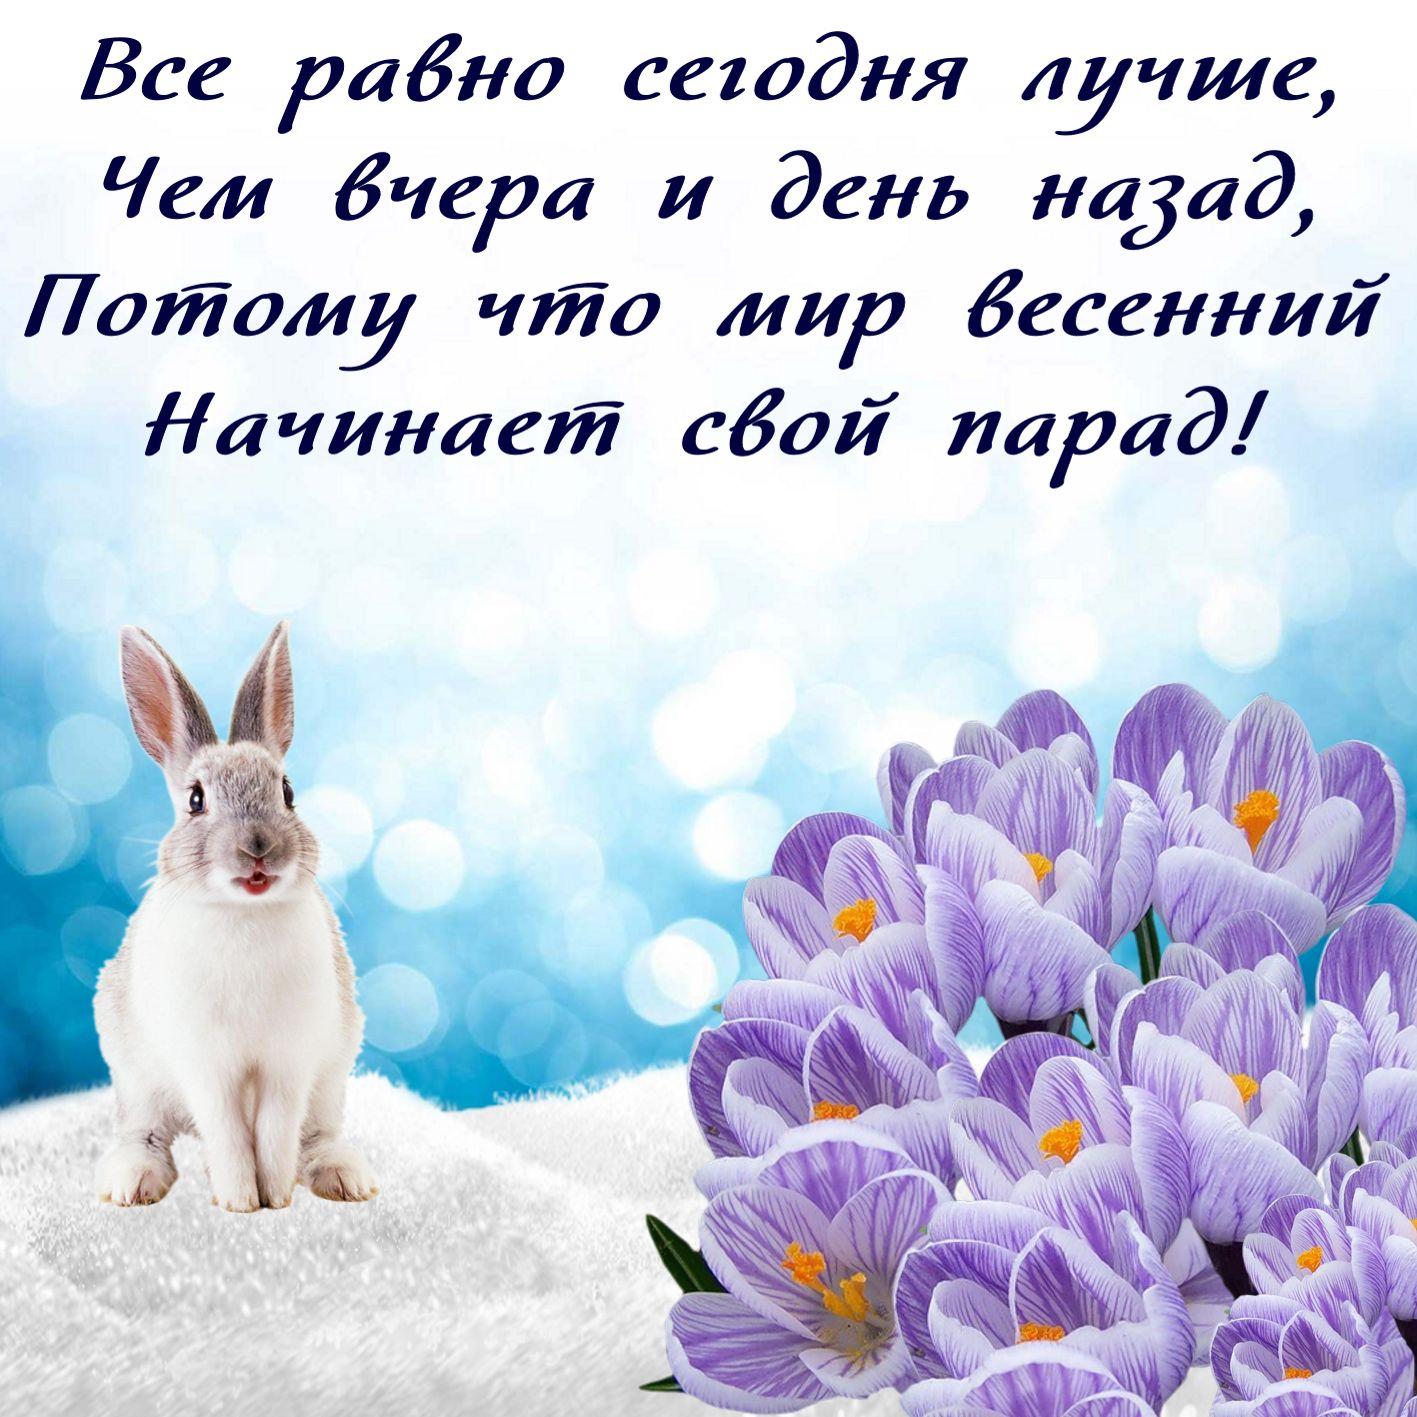 поздравления с праздником от зайцев фёдоров